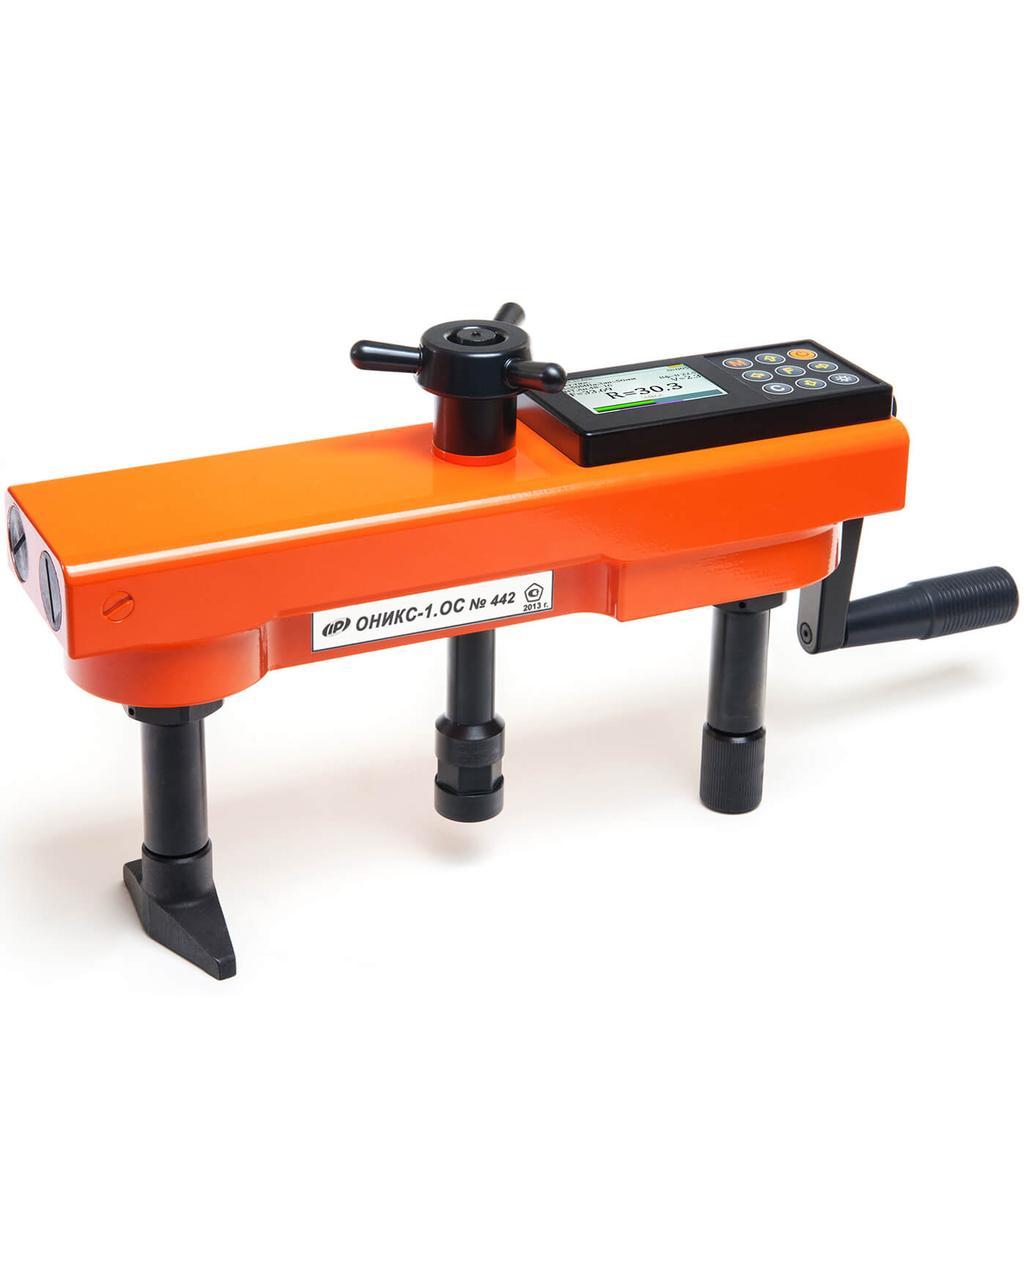 Измеритель прочности бетона (отрыв со скалыванием) ОНИКС-1.ОС